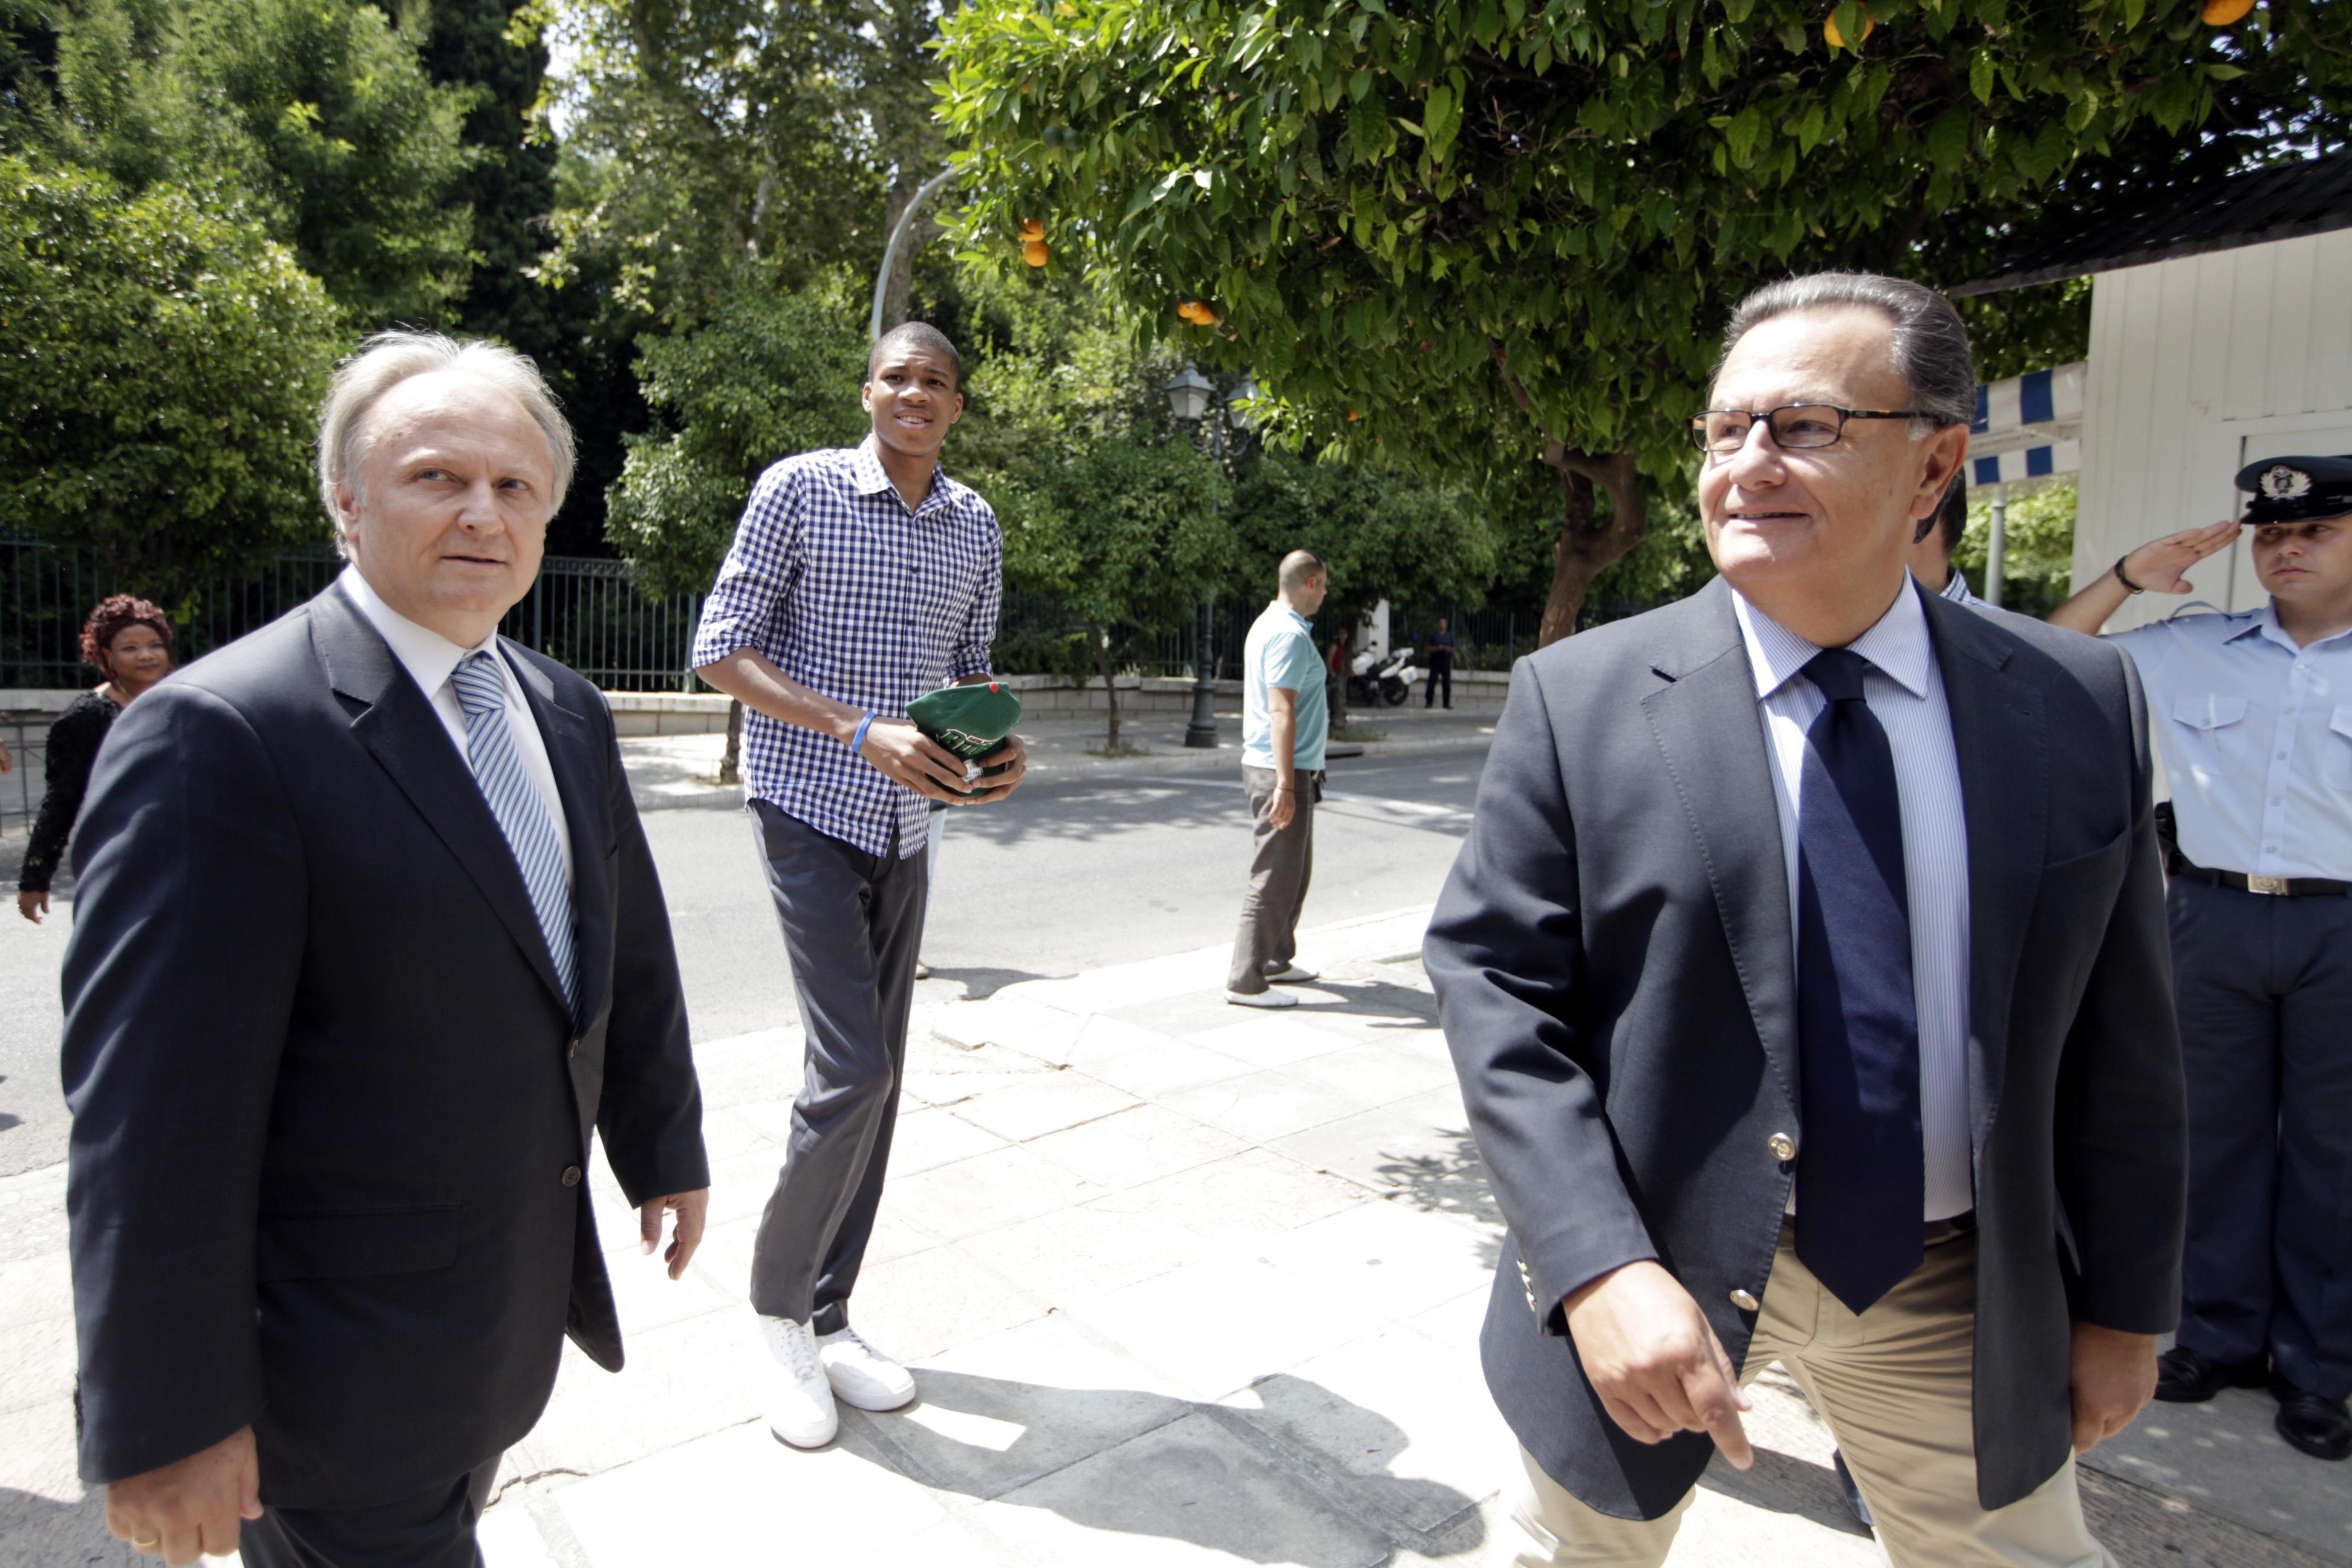 Ο Πάνος Παναγιωτόπουλος και ο Γιάννης Αδριανός συνόδευσαν τον Γιάννη Αντετοκούμπο.